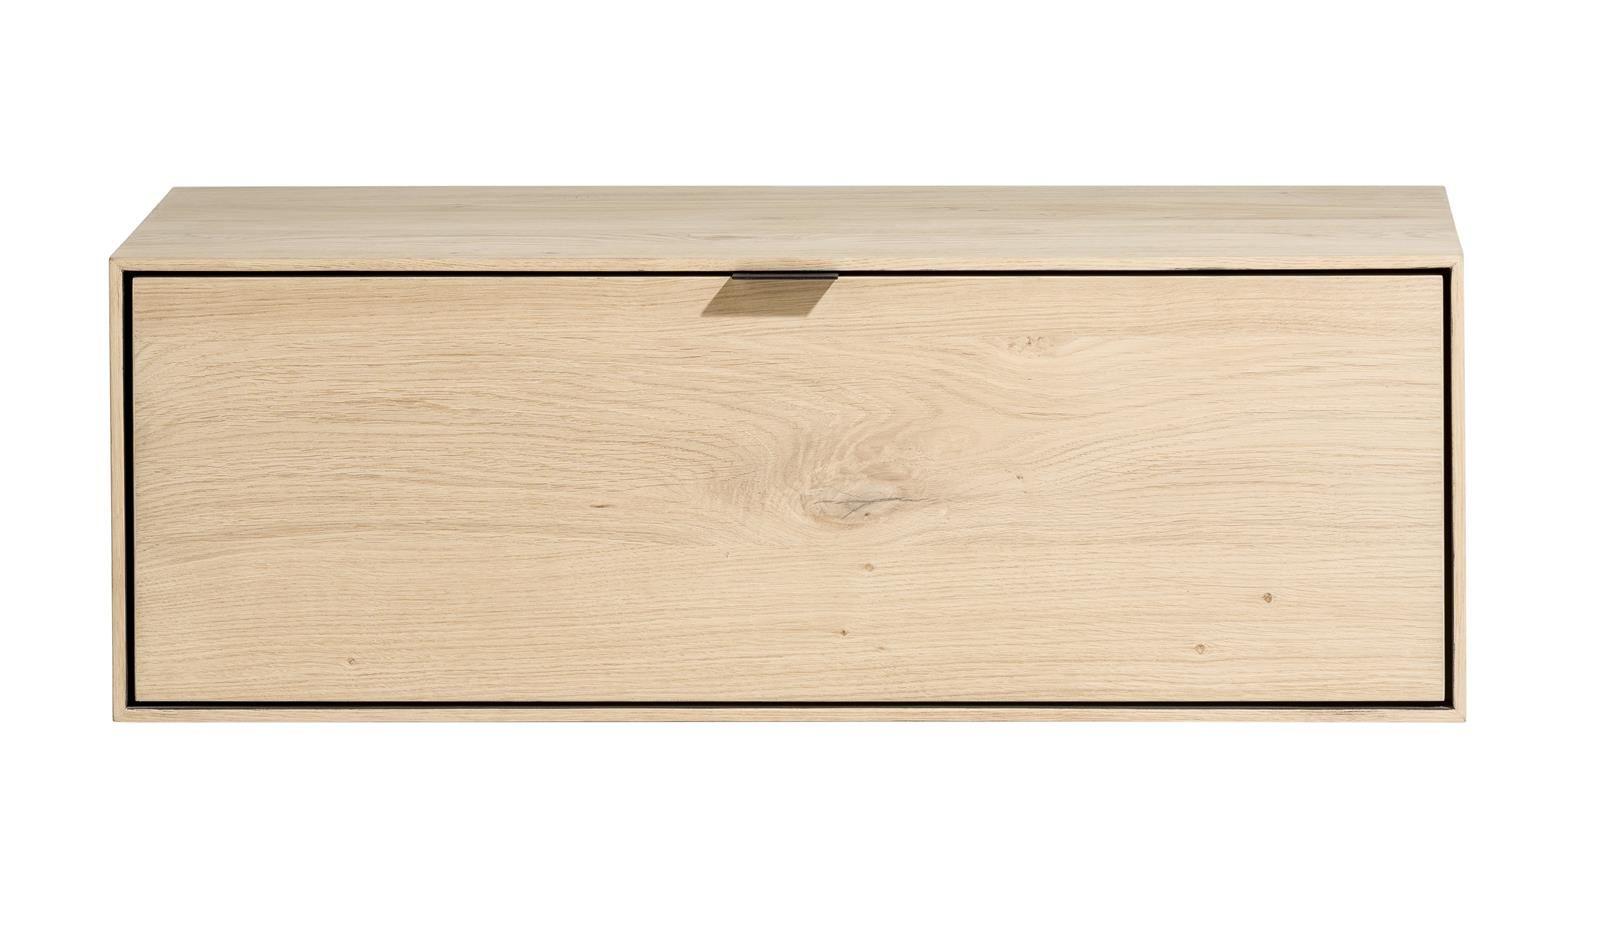 Xooon Box Elements Klep 90cm